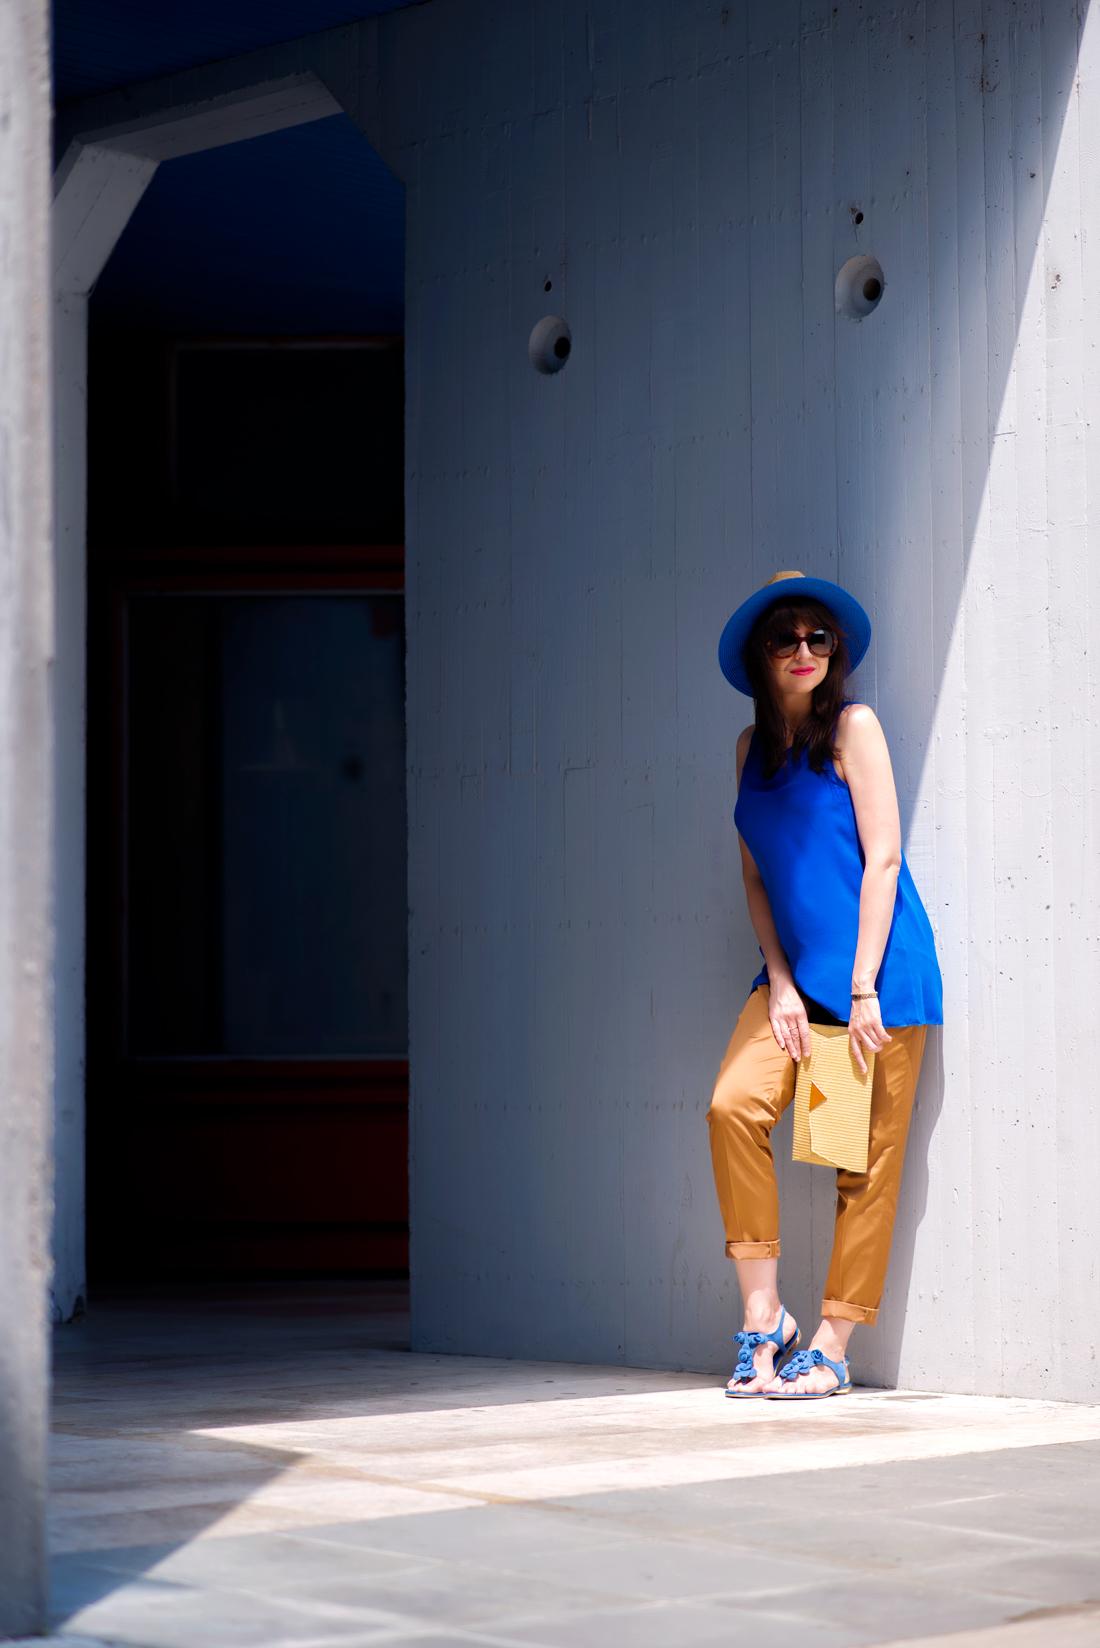 INŠPIRÁCIA NA JAR/LETO 2018 ALEBO AKO NOSIŤ KLOBÚK_Katharine-fashion is beautiful_Blog 3_Slamený klobúk Parfois_Slamená listová kabelka_OOTD_Katarína Jakubčová_Fashion blogger